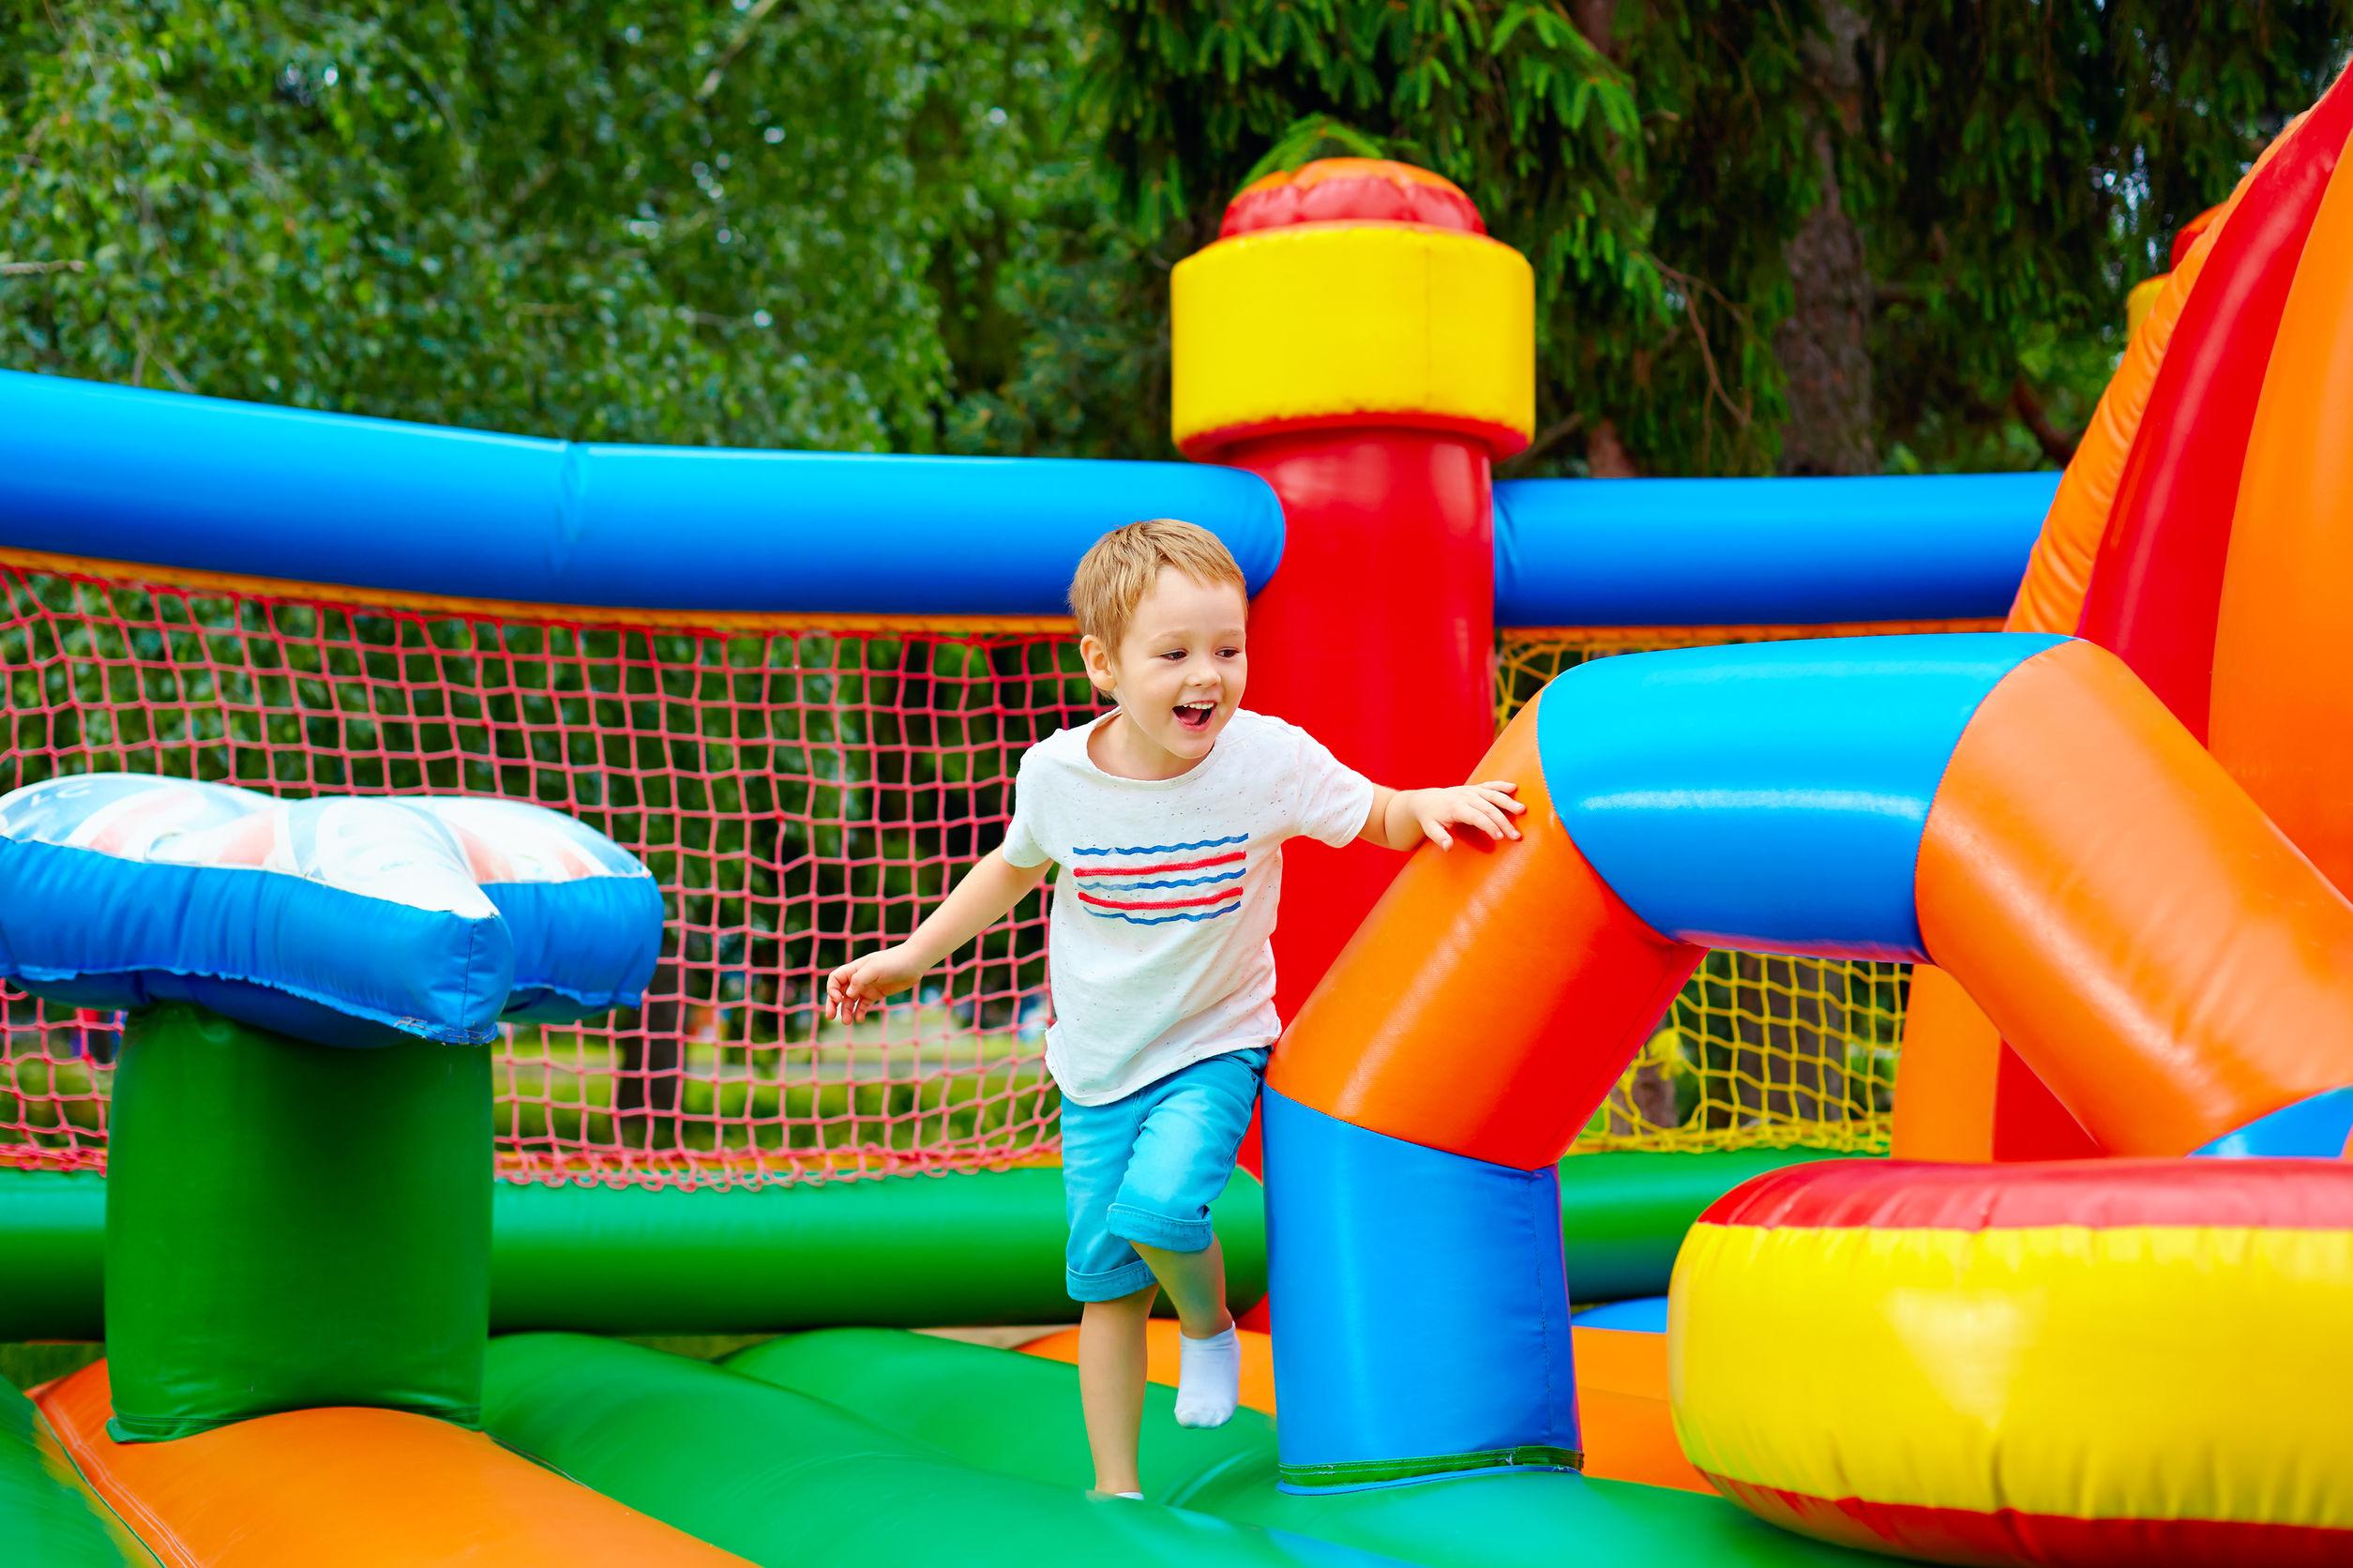 Castelo inflável multicolorido disposto sobre gramado